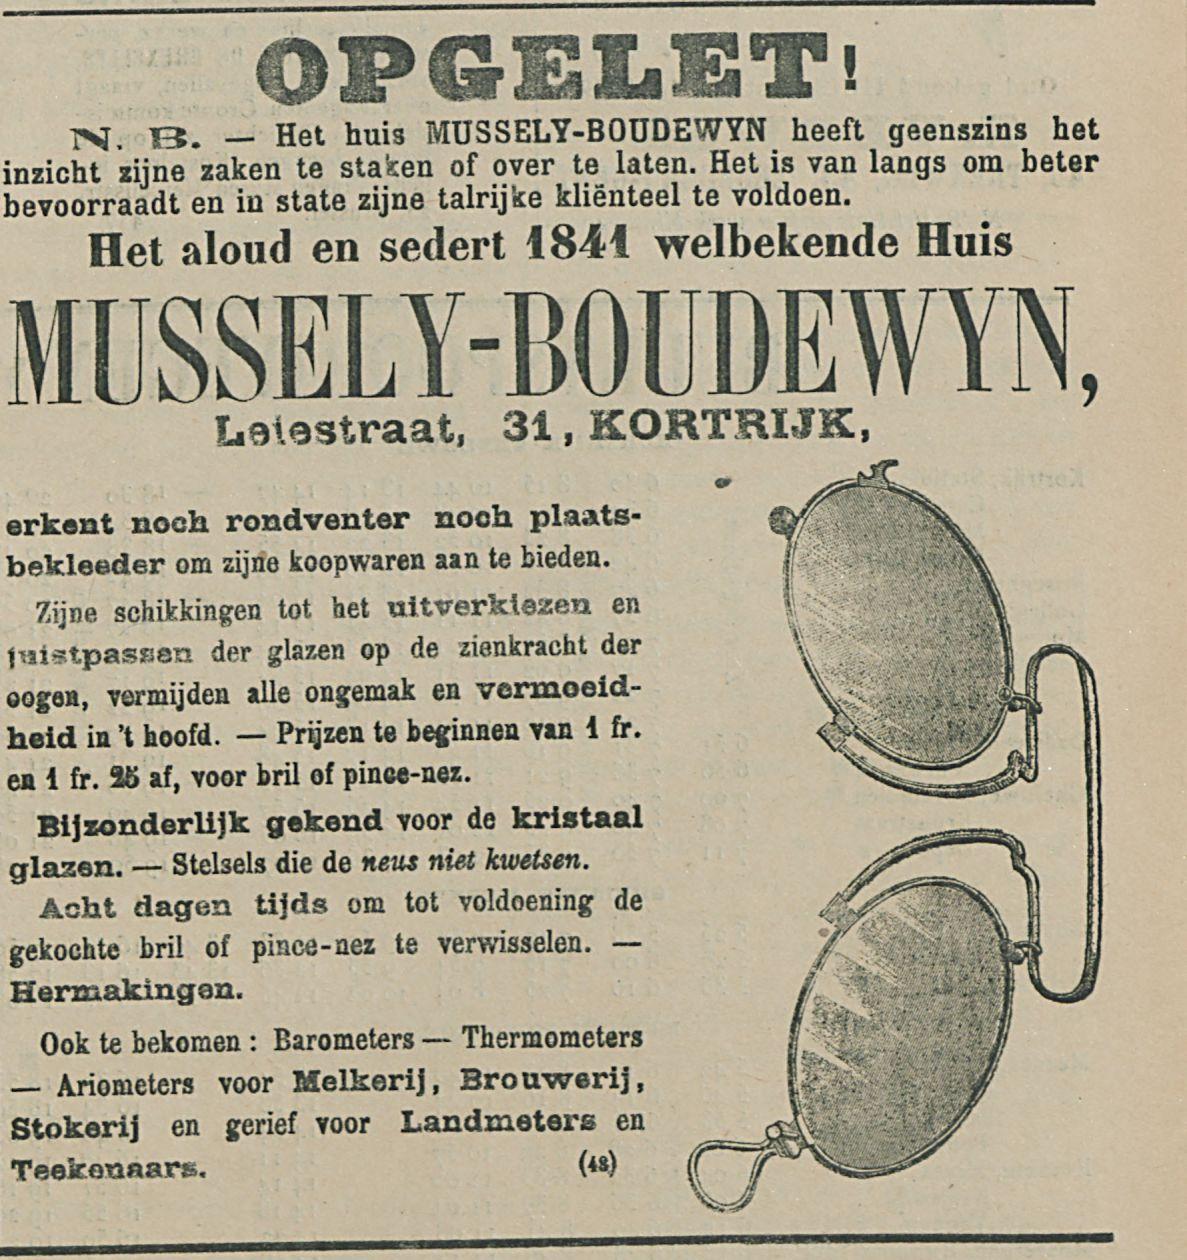 Mussely Boudewyn